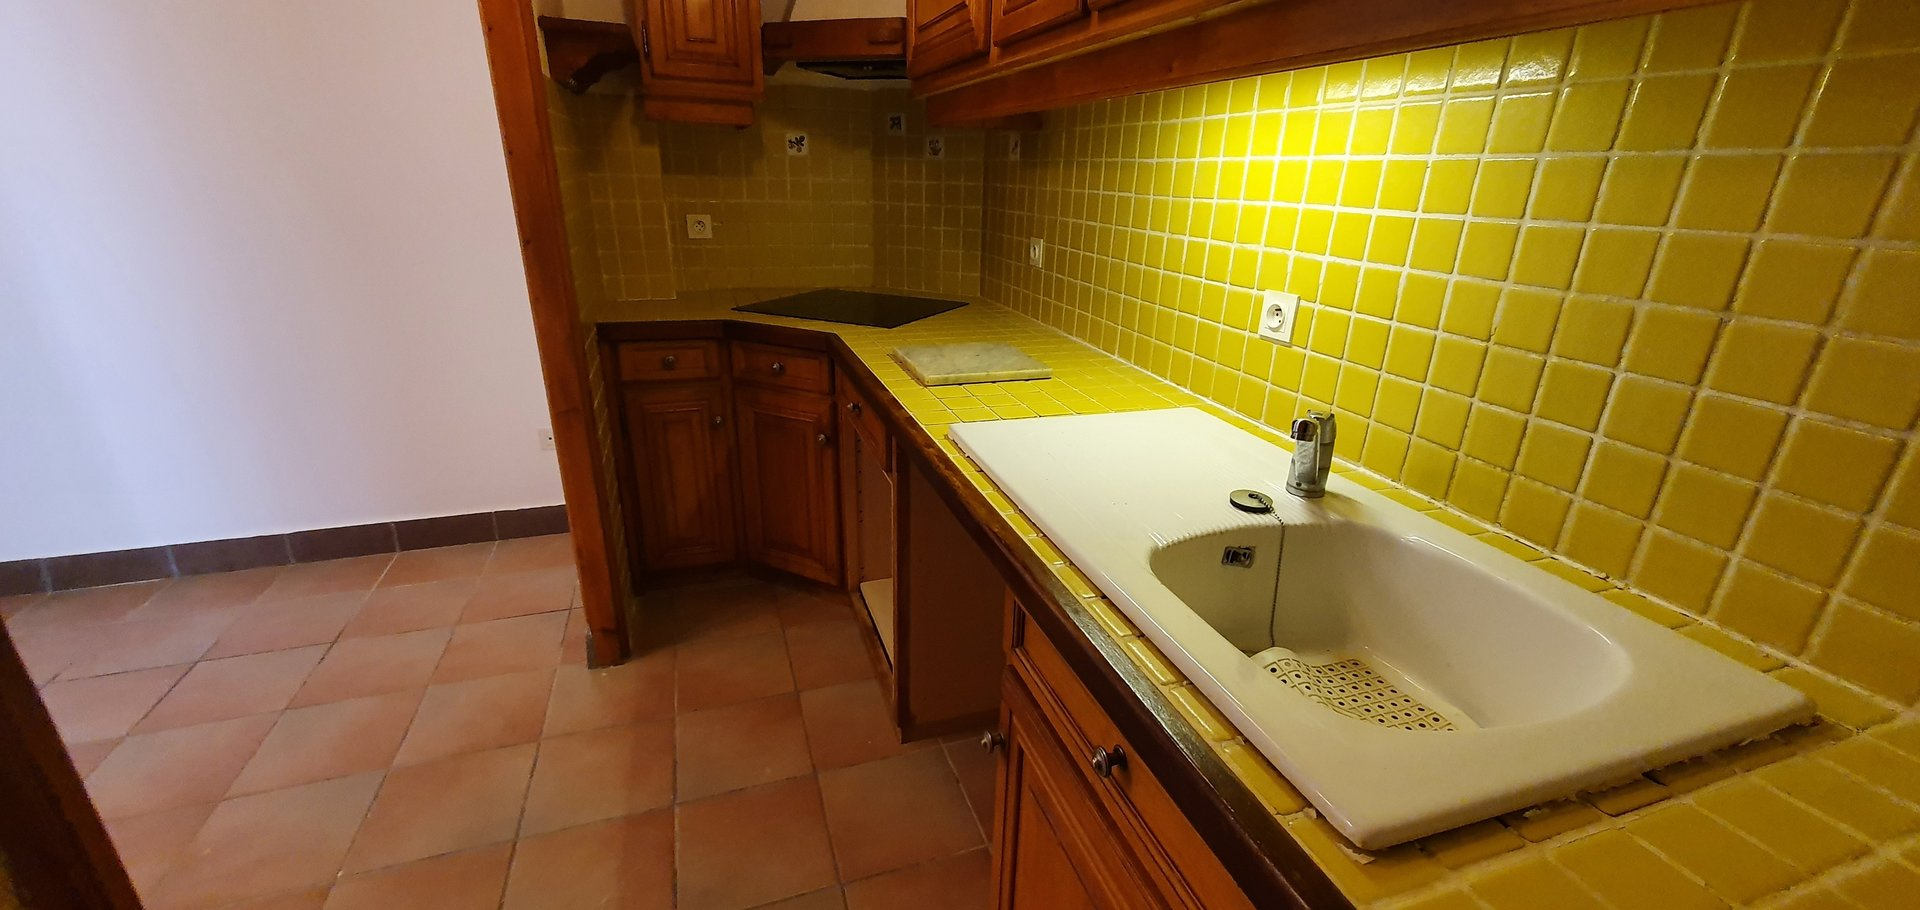 Bel appartement bourgeois 3 pièces + chambre sur mezzanine